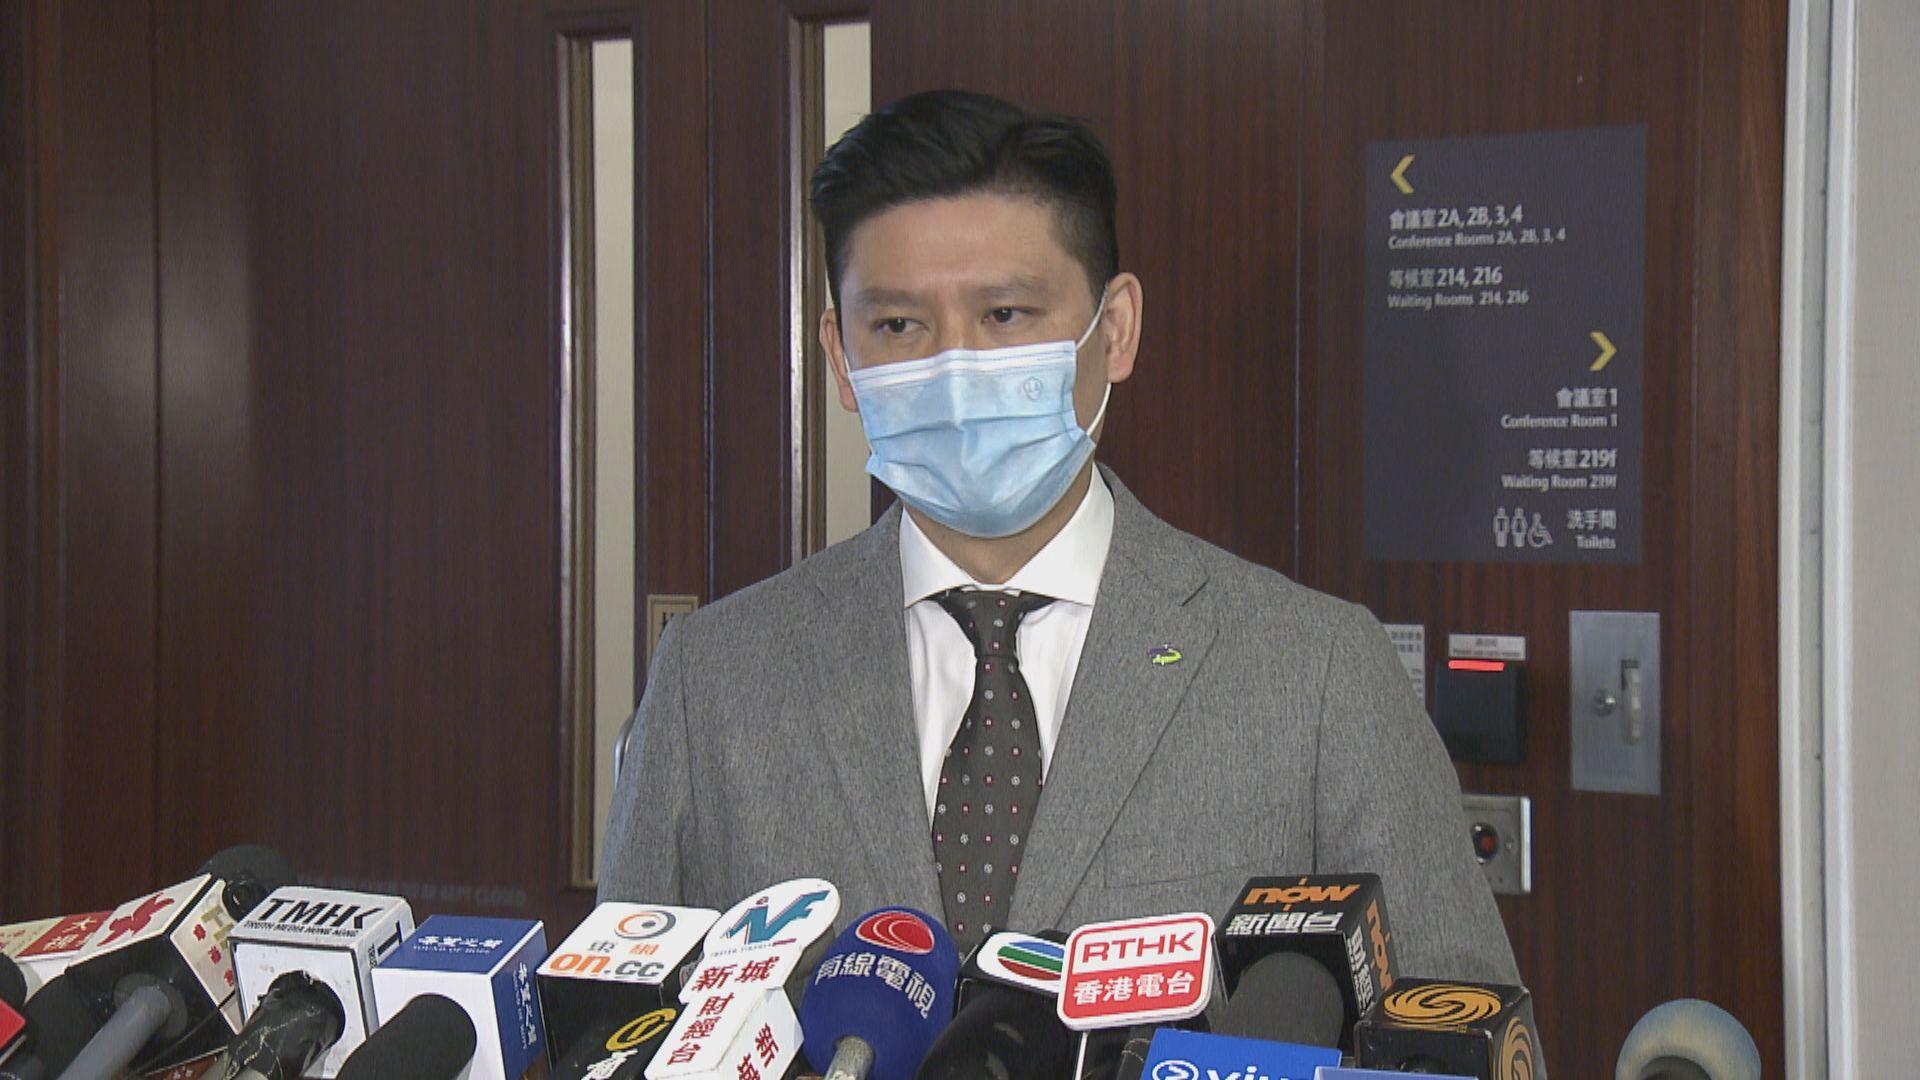 譚文豪:八人疑違反檢疫令到律敦治專科求醫